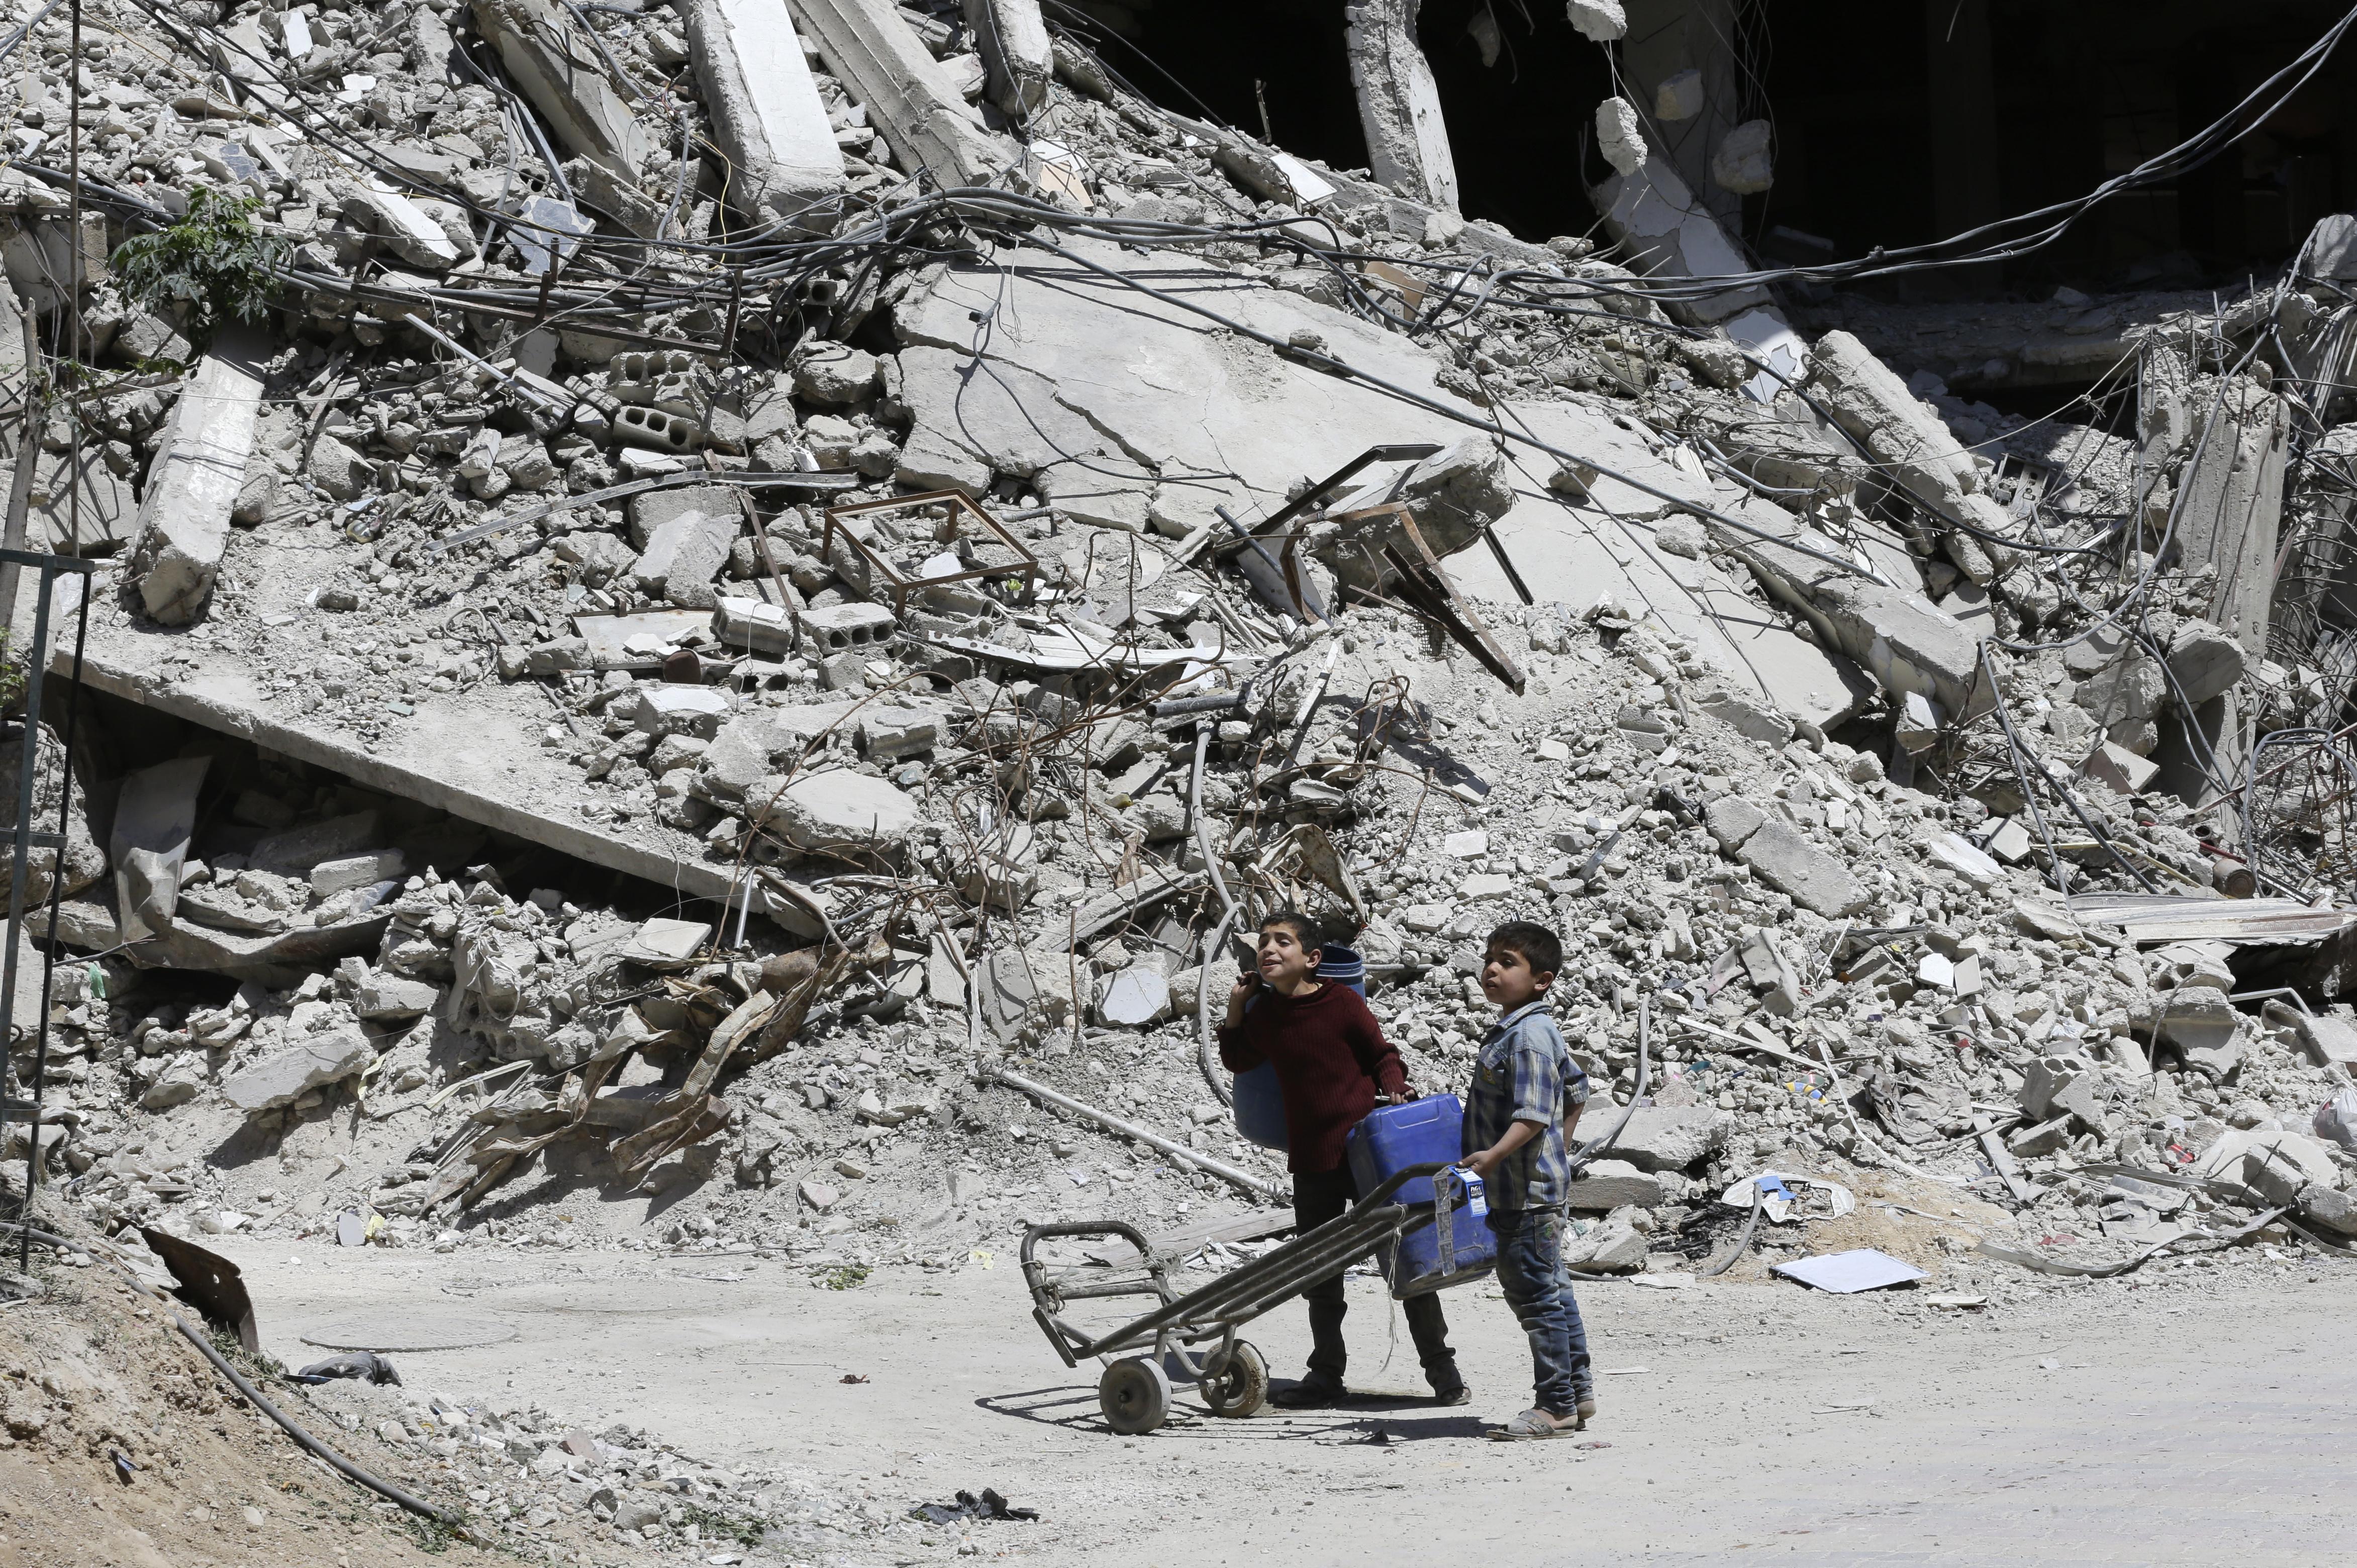 Németország 1 milliárd eurót ajánl fel a Szíriában élő rászorulók és a környező országokba menekülők támogatására